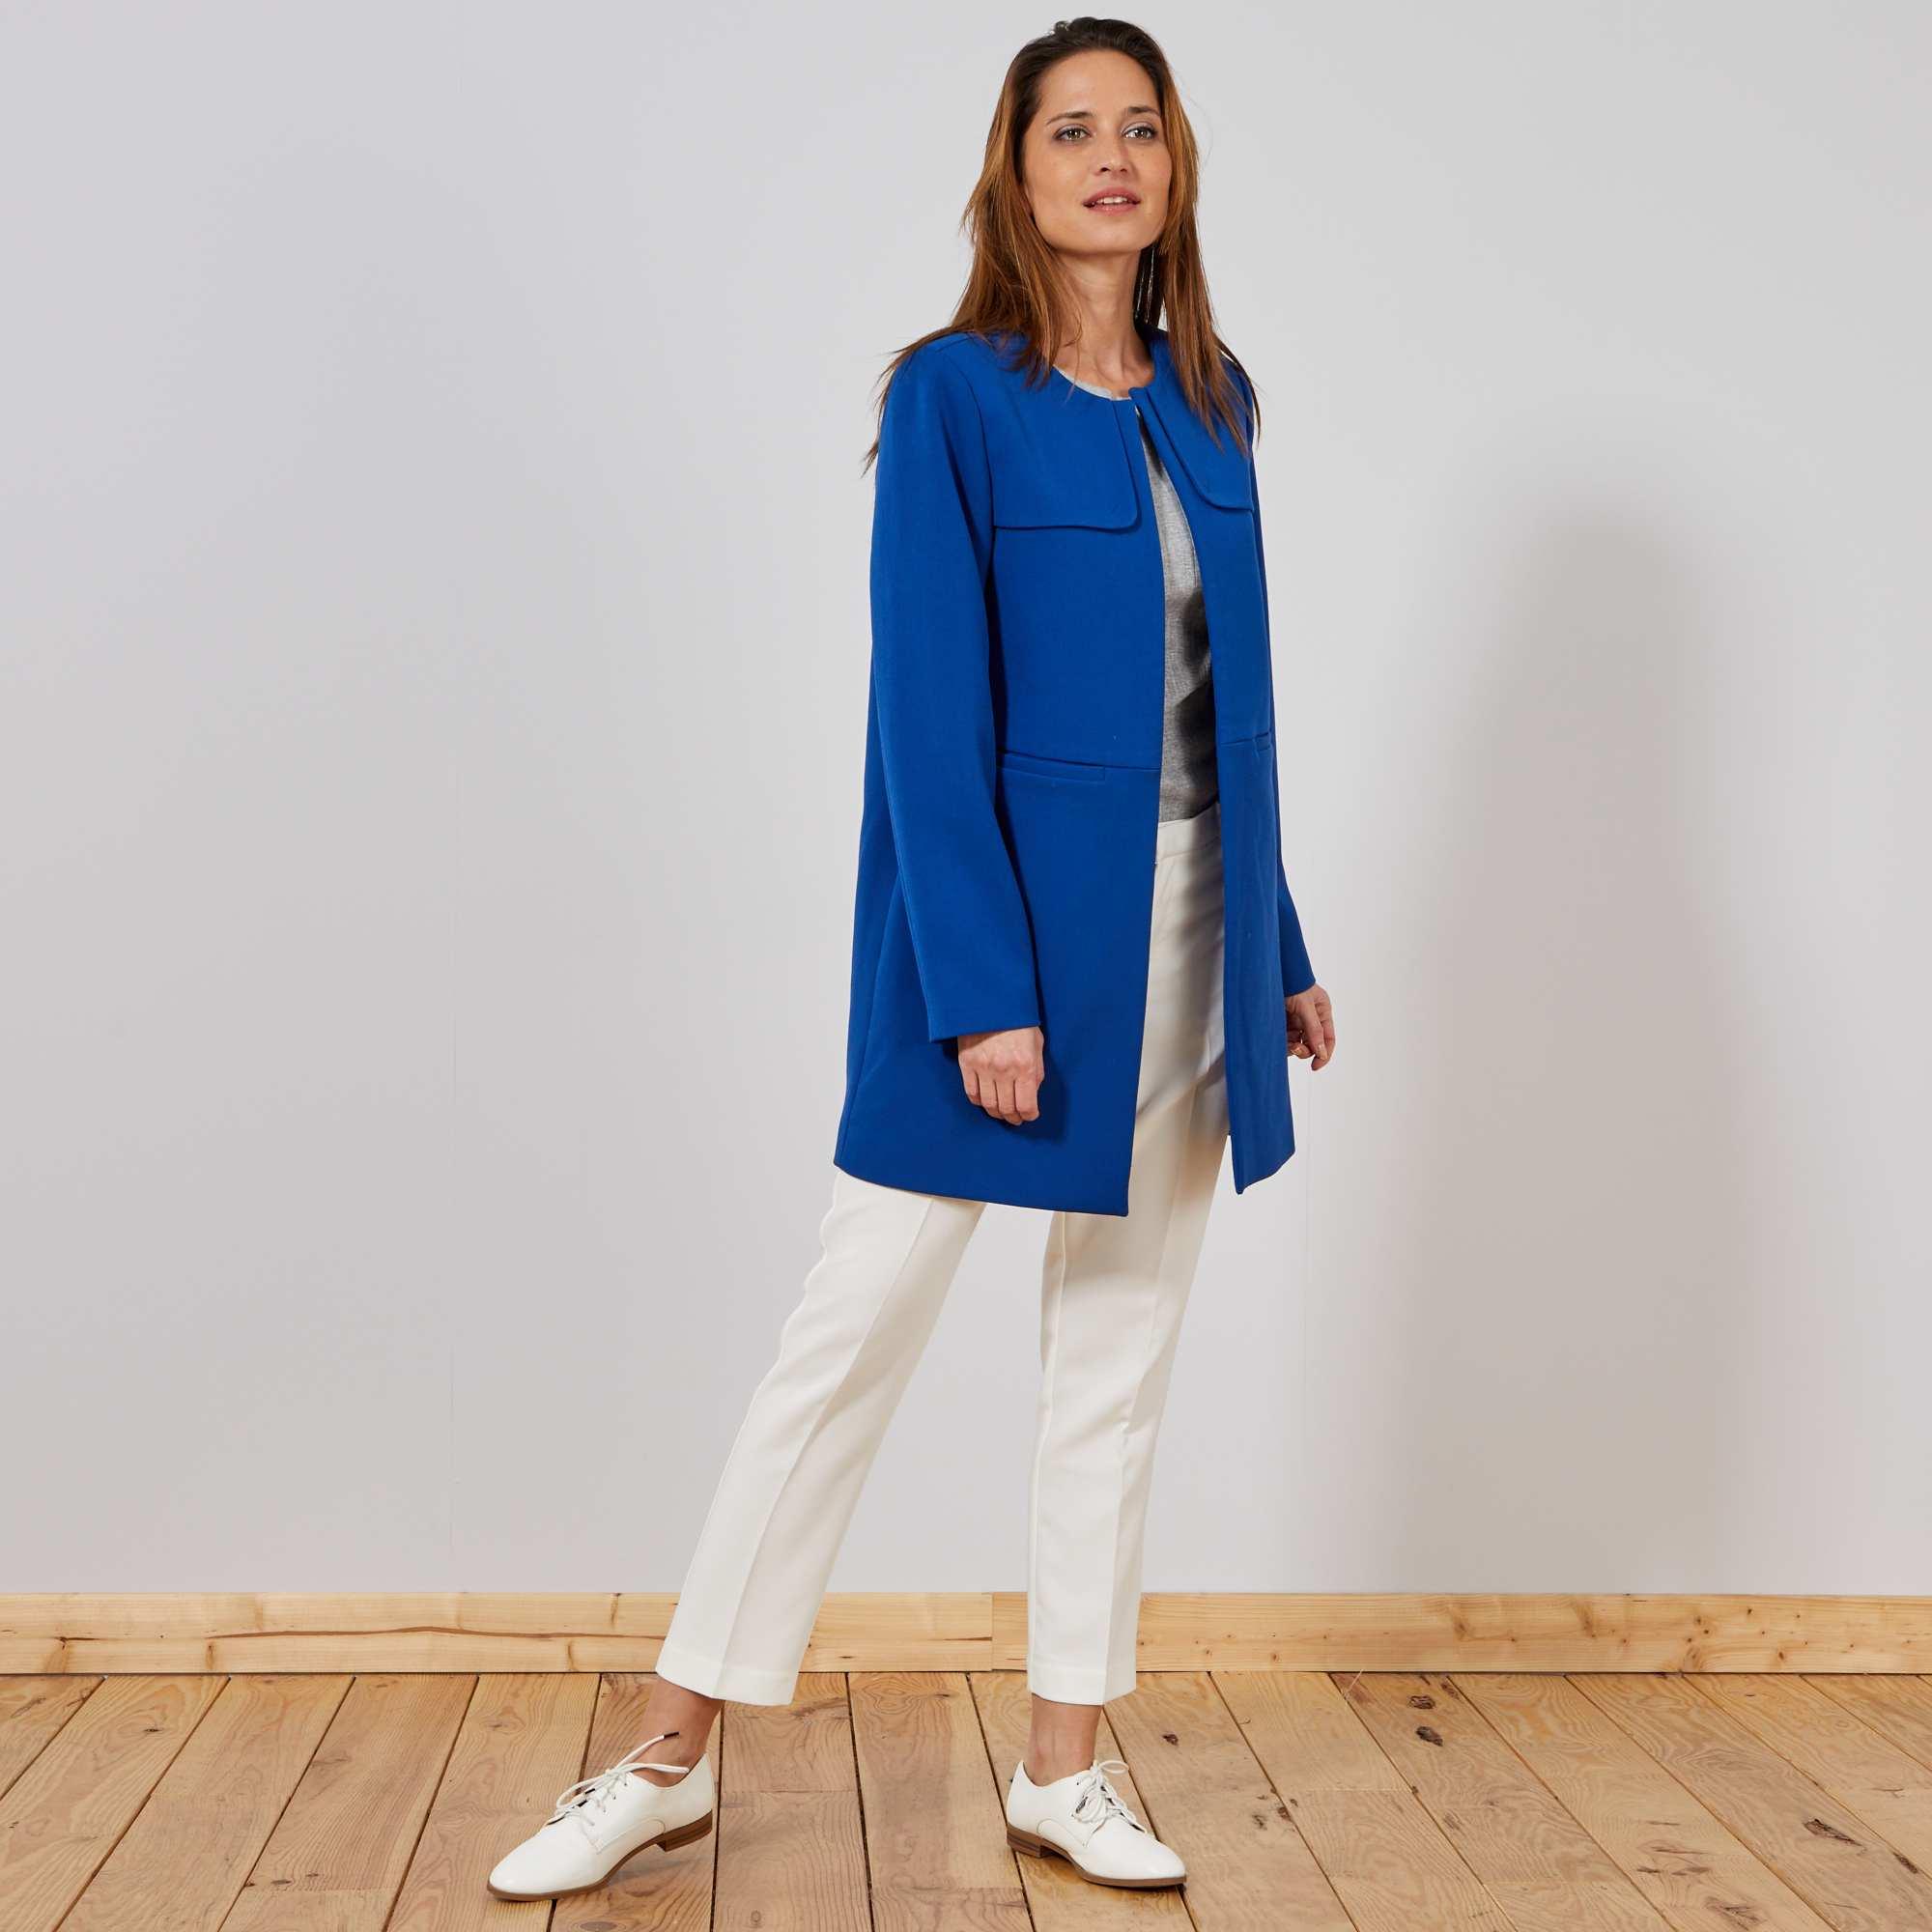 5045c6d2ba8be Pantalon droit style tailleur blanc Femme. Loading zoom